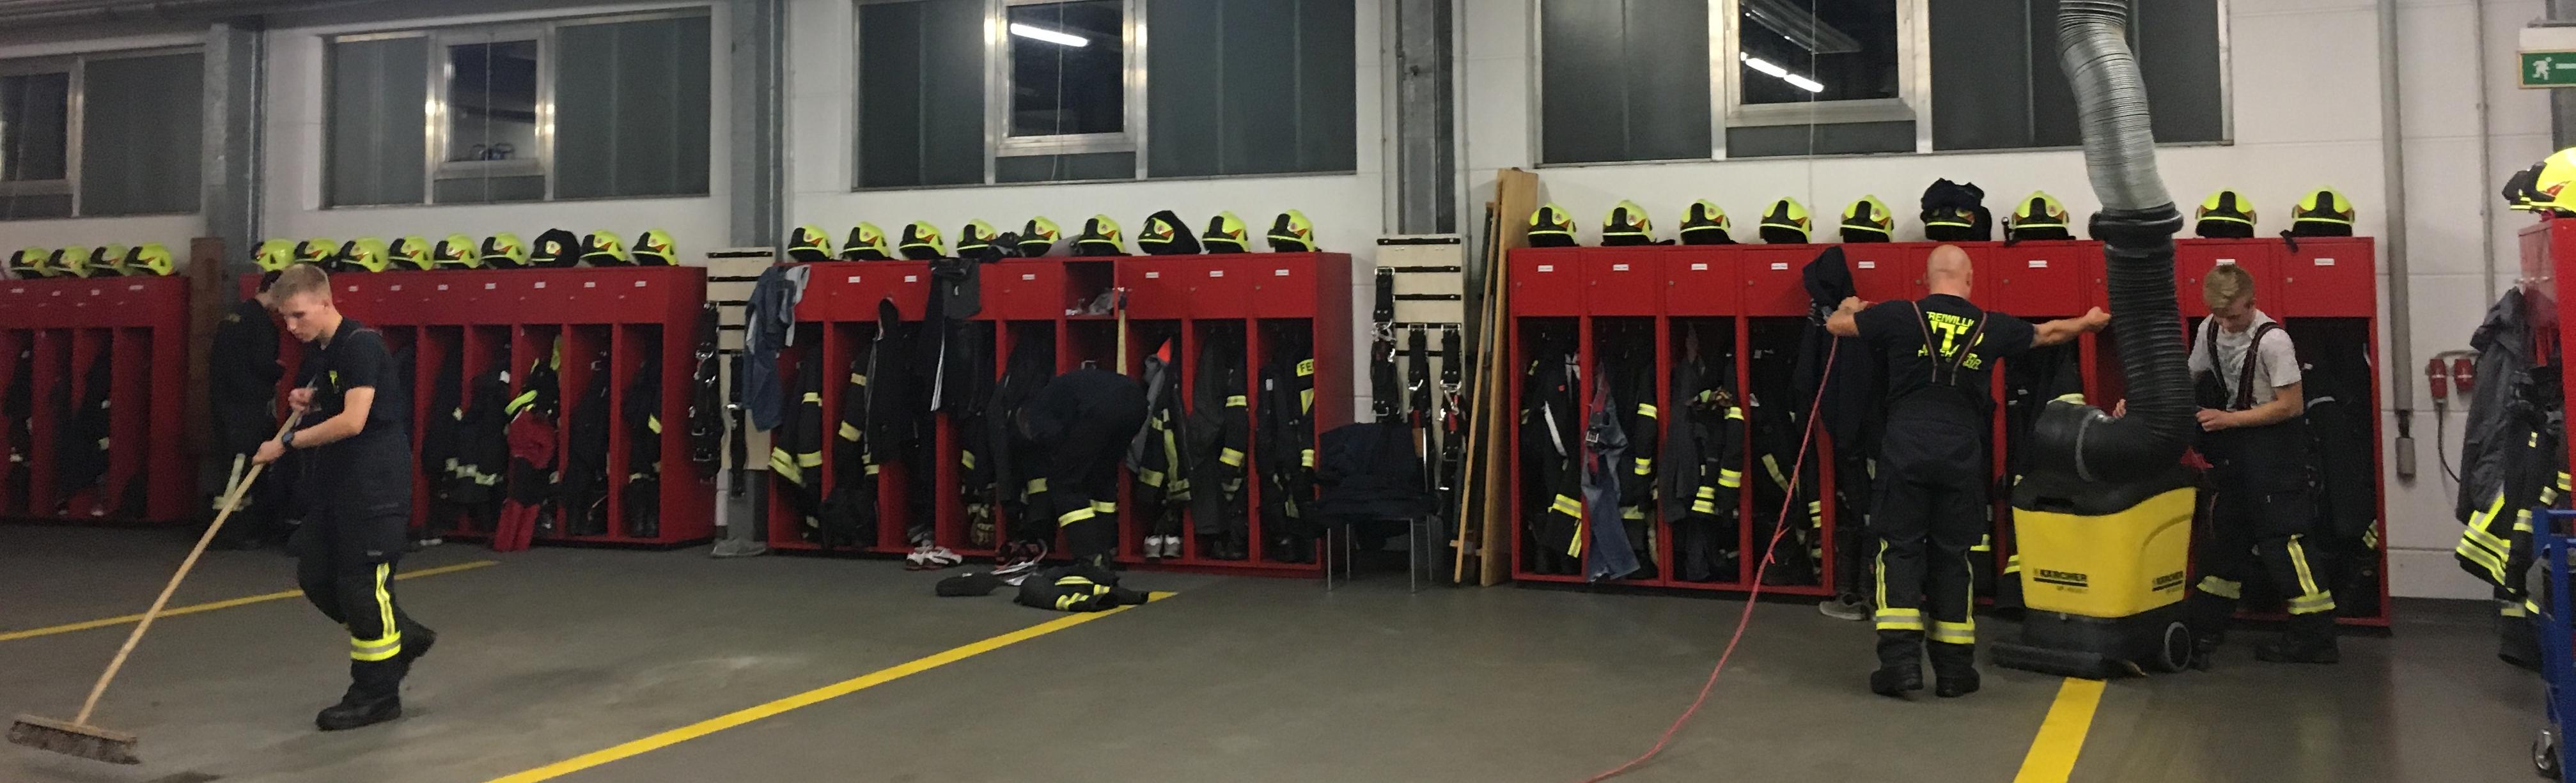 Die Gerätepflege ist nicht die spannendste Aufgabe der Freiwilligen Feuerwehr, aber sie ist essentiell wichtig, damit die Feuerwehrleute jederzeit vertraut mit ihrem Gerät sind.